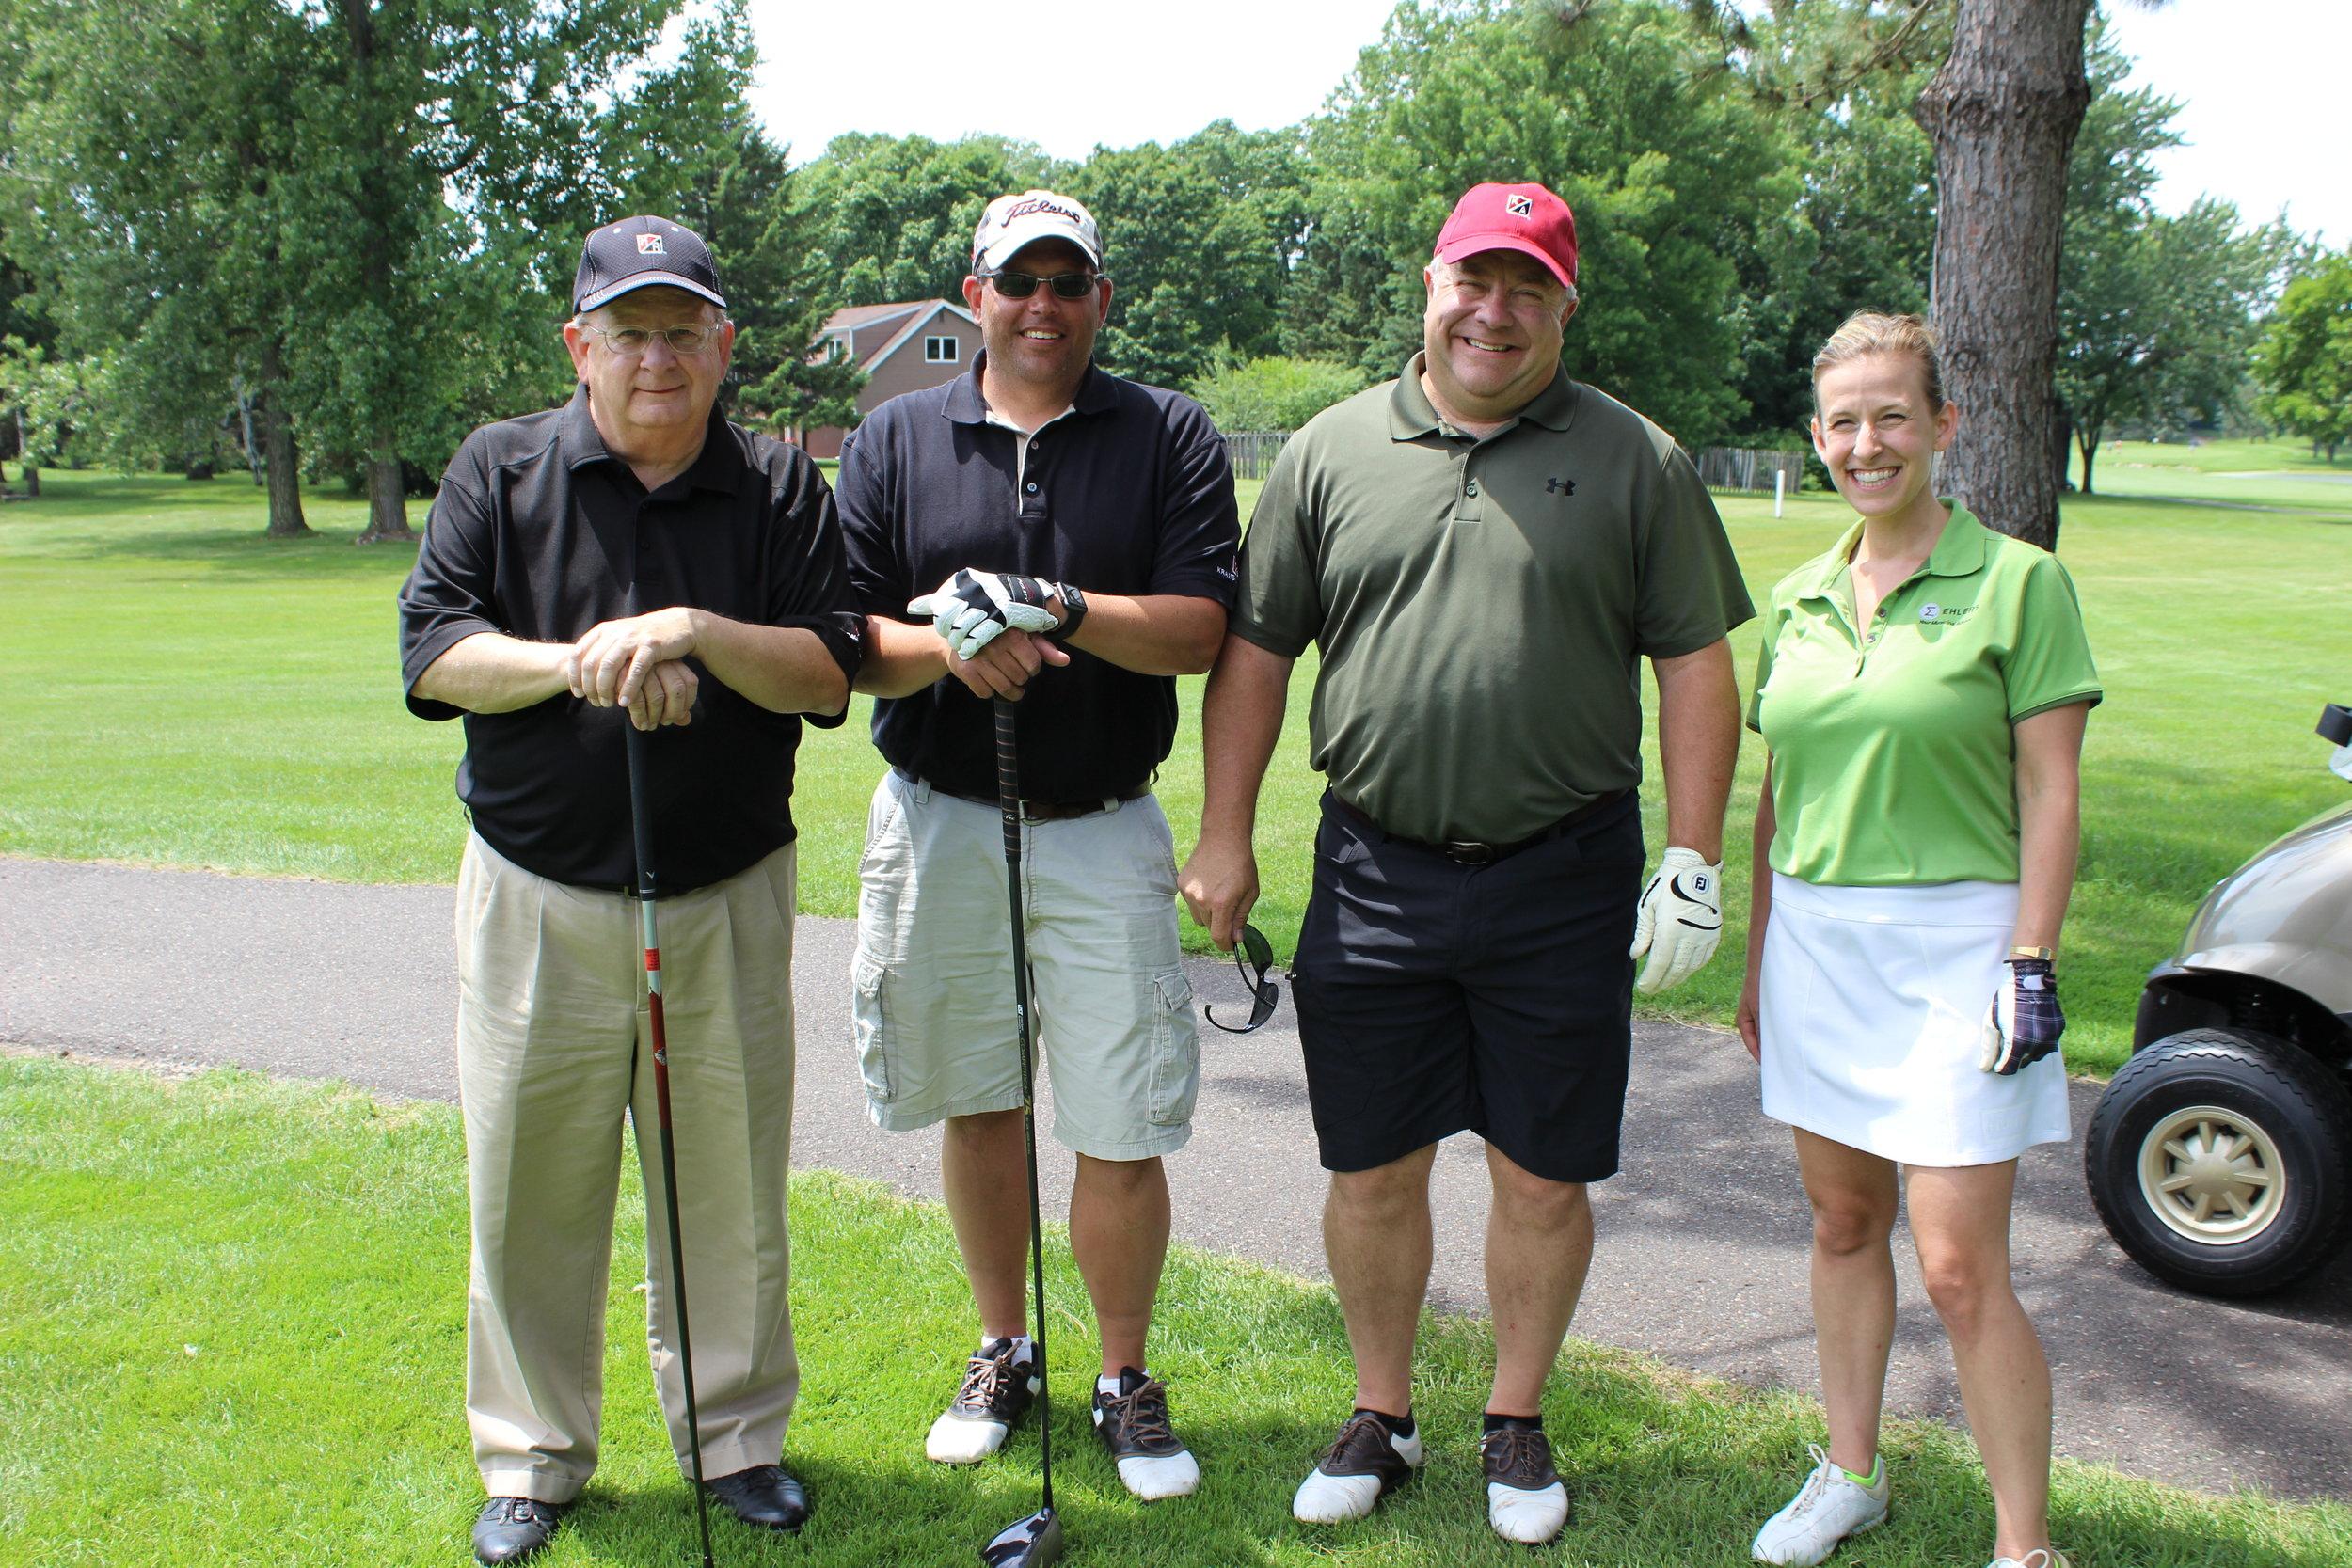 Gary Benson, Brian Hook, Tony Sjolander, Shelby McQuay.jpg